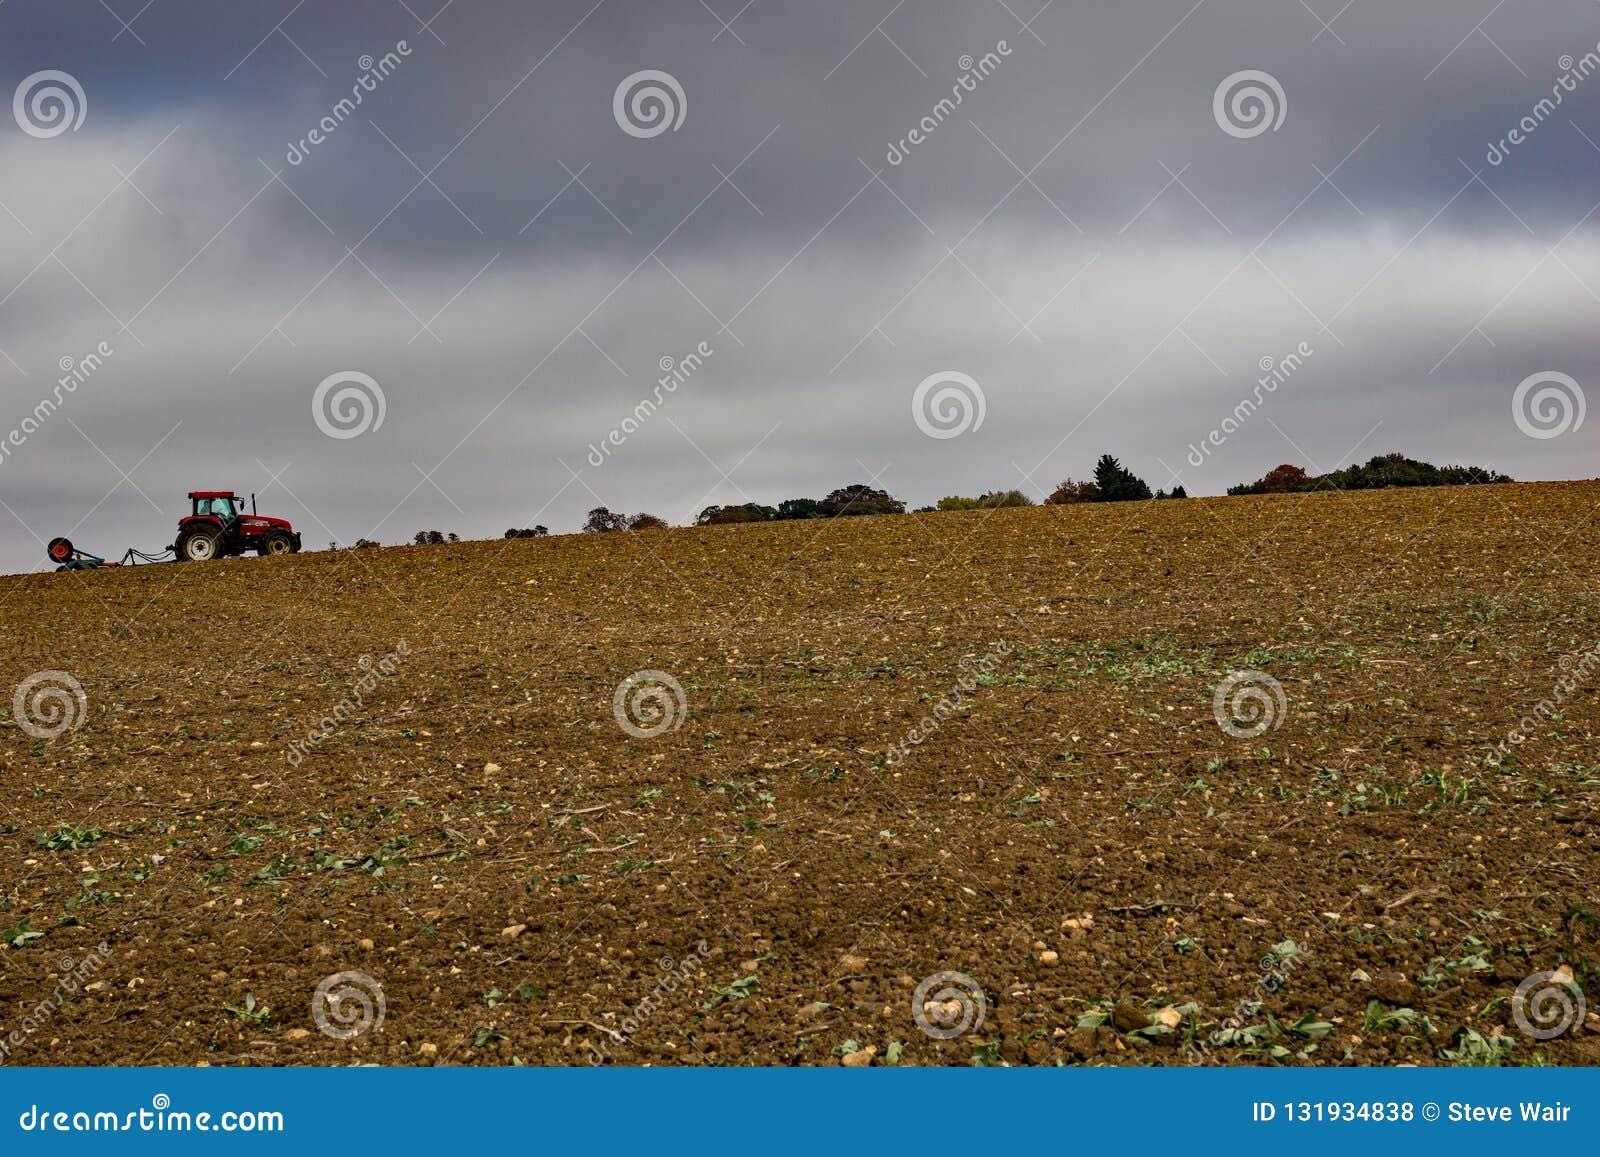 Un agricoltore lavora un campo su una collina in Sheering più basso Essex L autunno tardo e la pioggia è preveduto